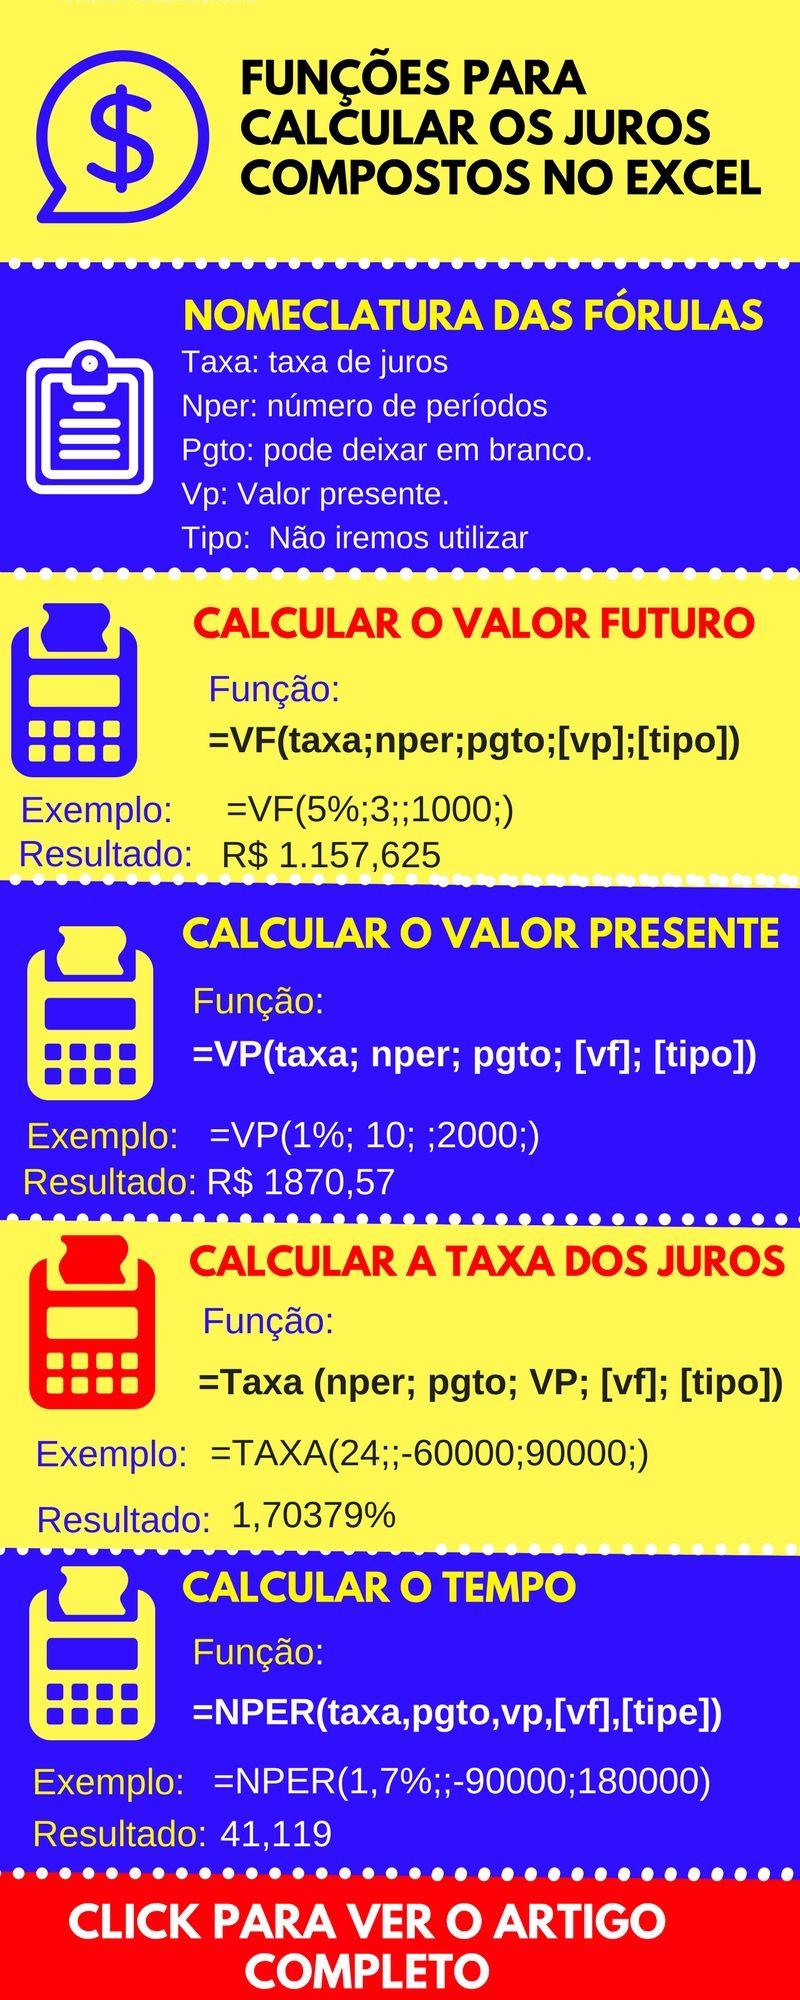 Como Calcular Os Juros Compostos No Excel Funcoes Formulas E